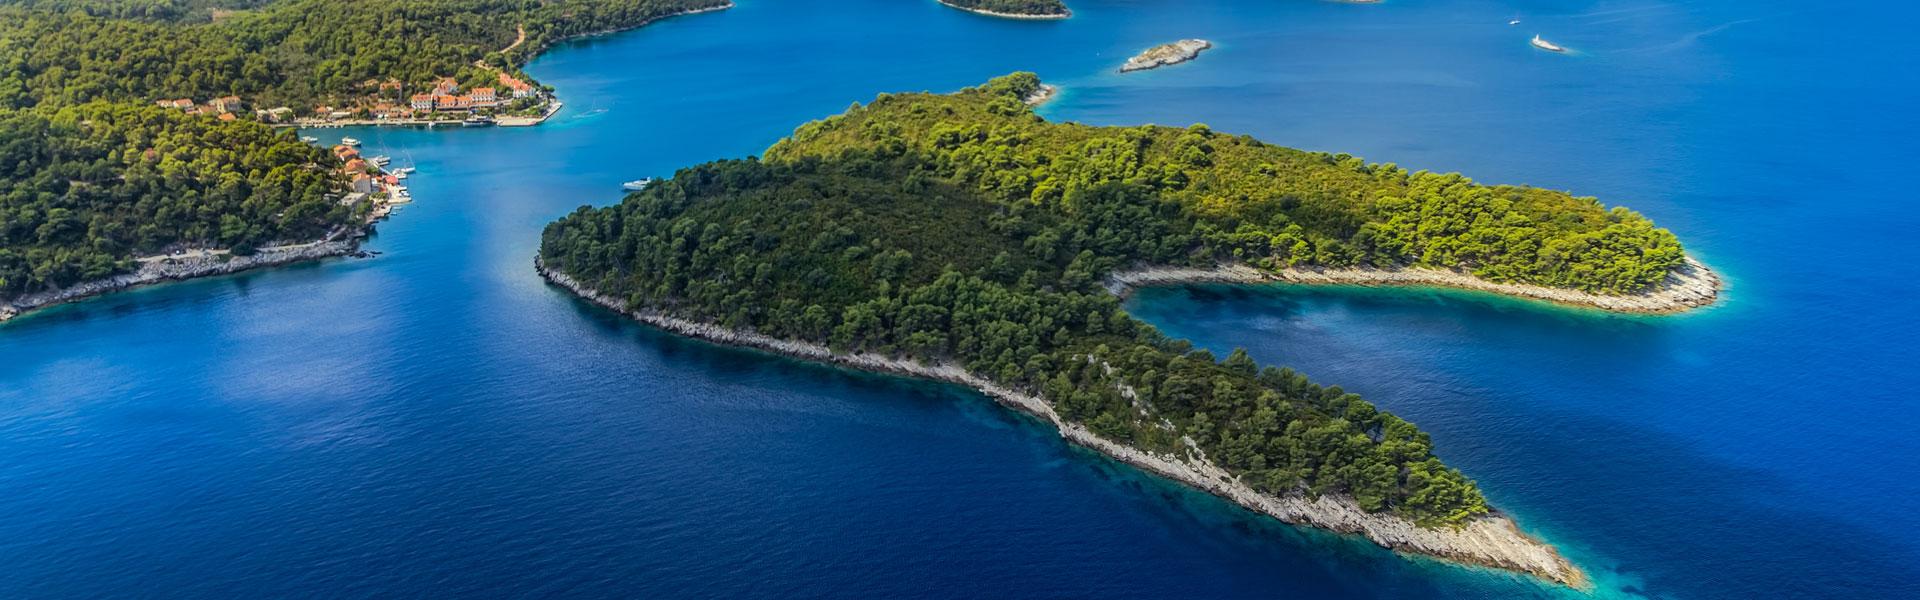 island of mljet dubrovnik